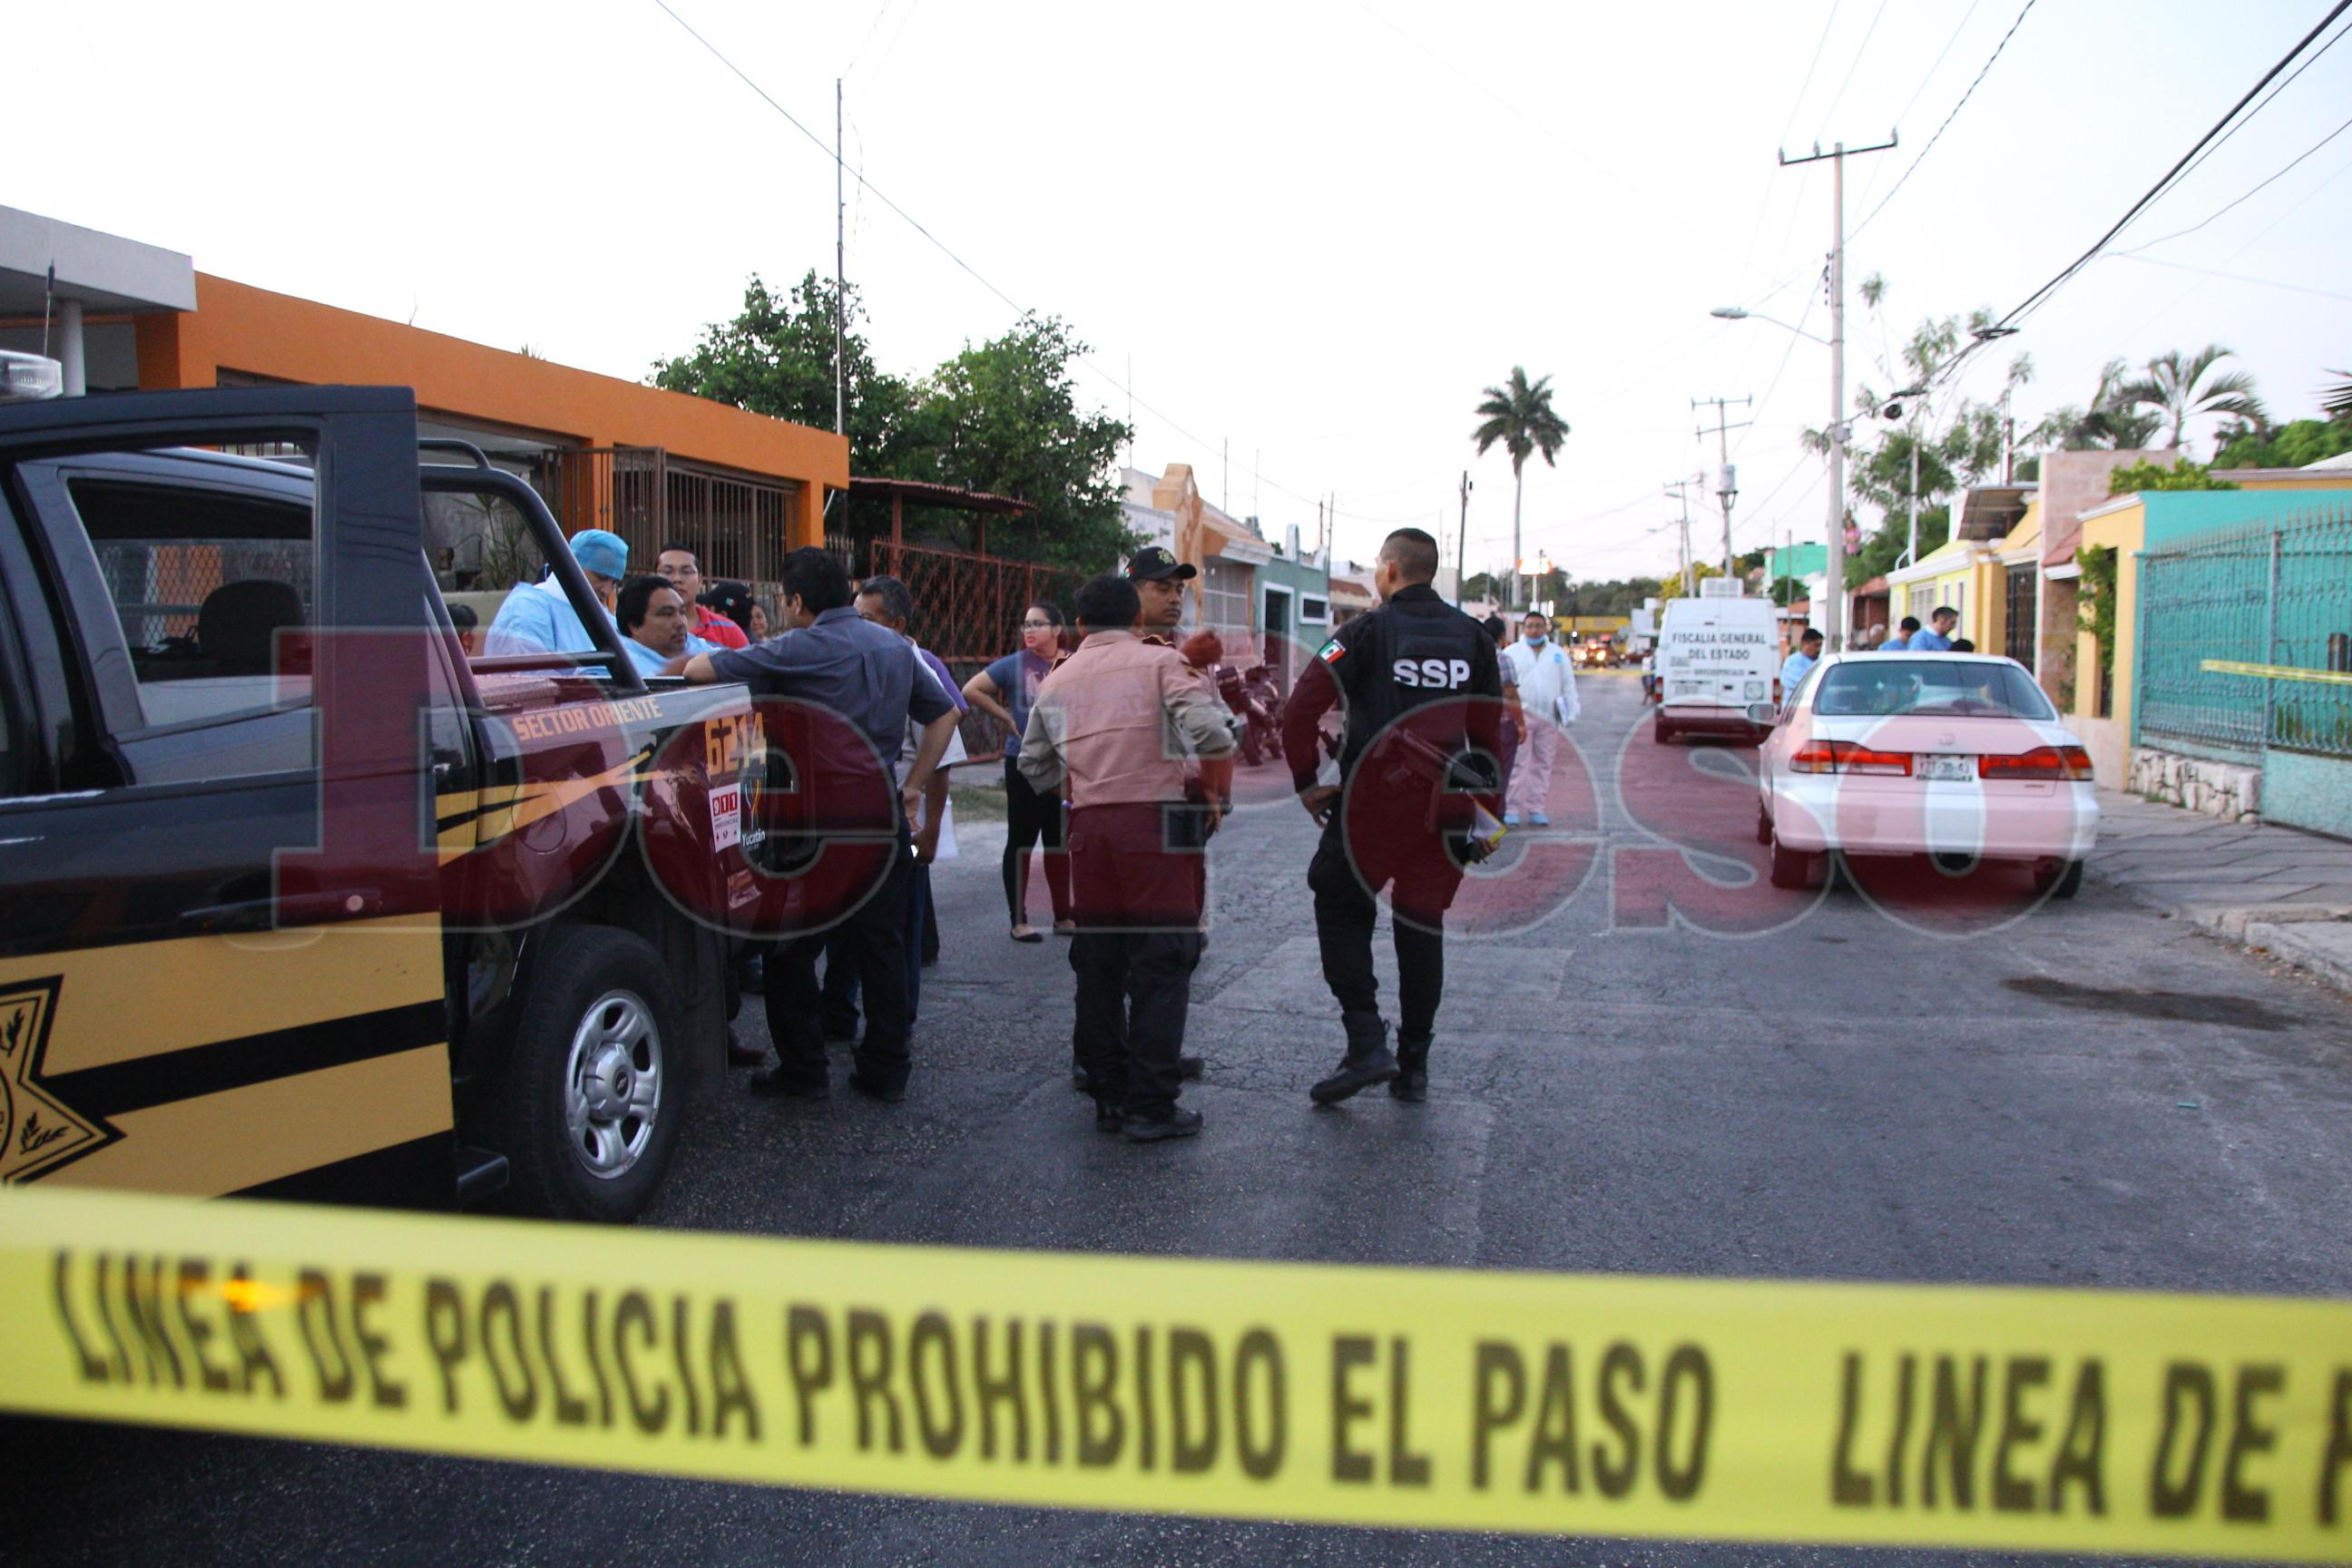 Plazo de 15 días en caso de asesinato de Emma Molina Canto